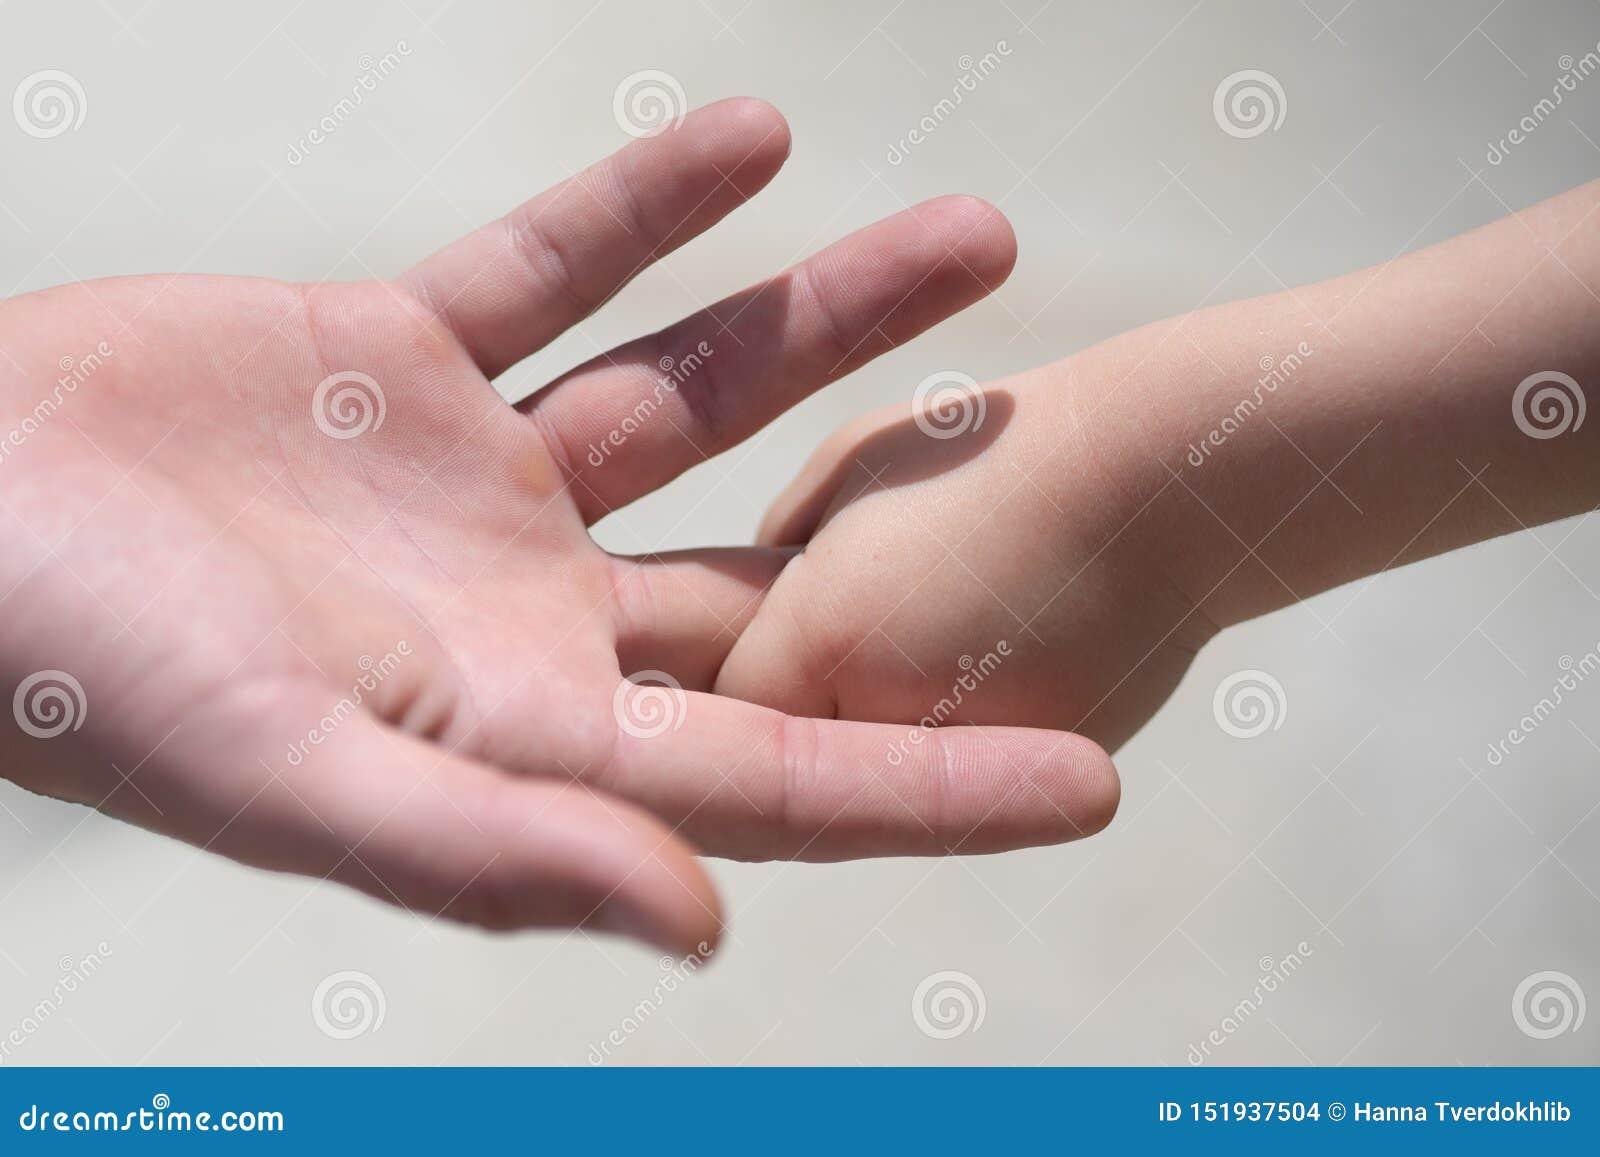 男性父亲的小男婴藏品手指的两只接触的手特写镜头作为家庭爱和信任的标志的